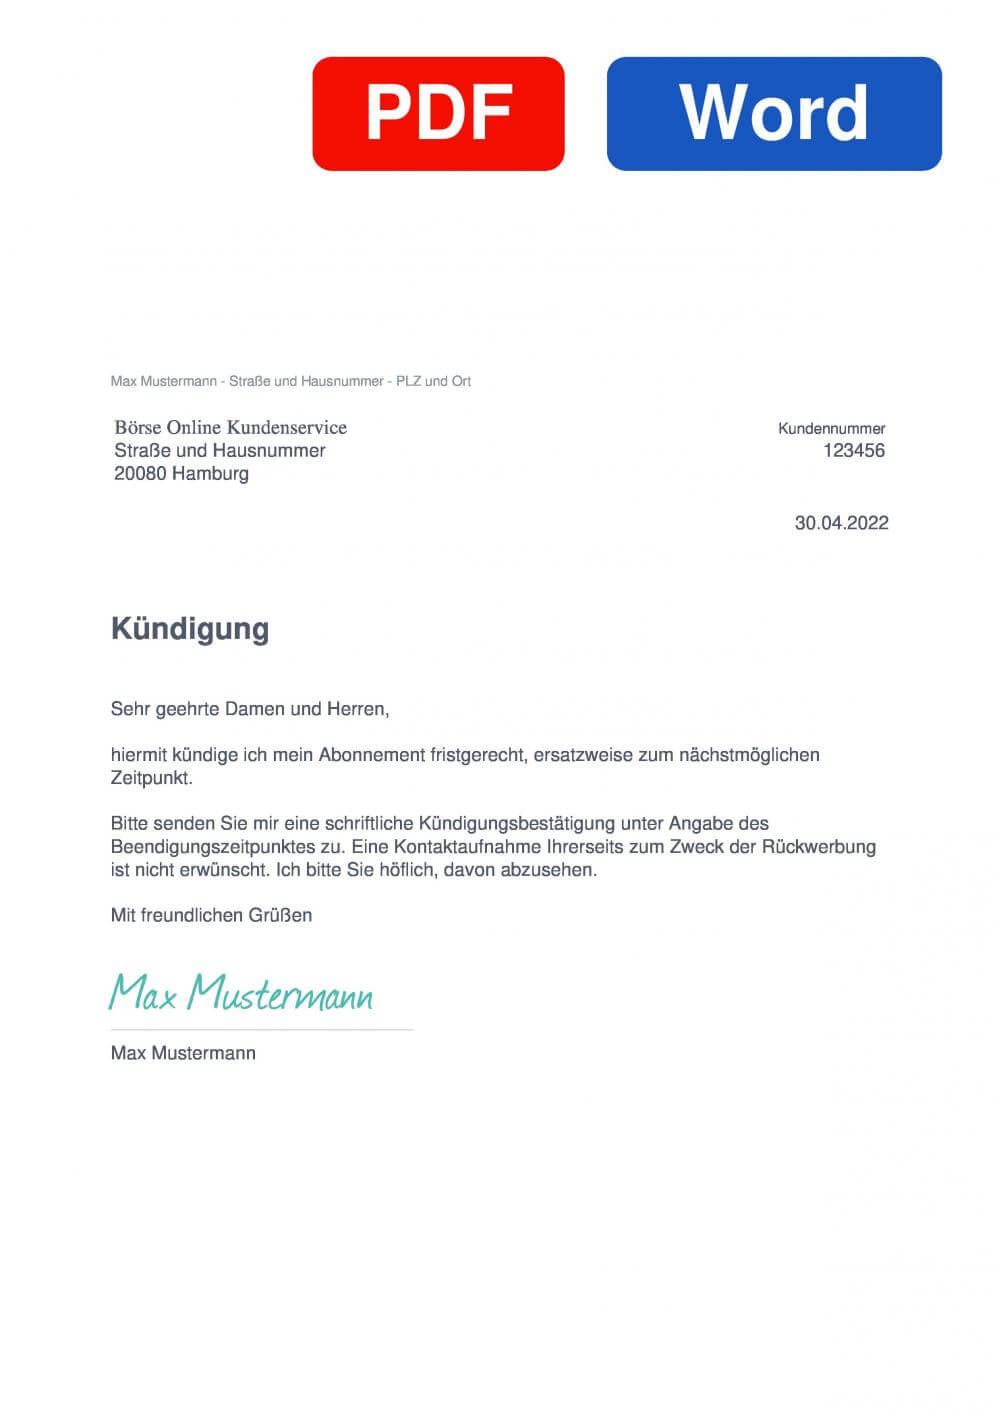 BÖRSE ONLINE Muster Vorlage für Kündigungsschreiben